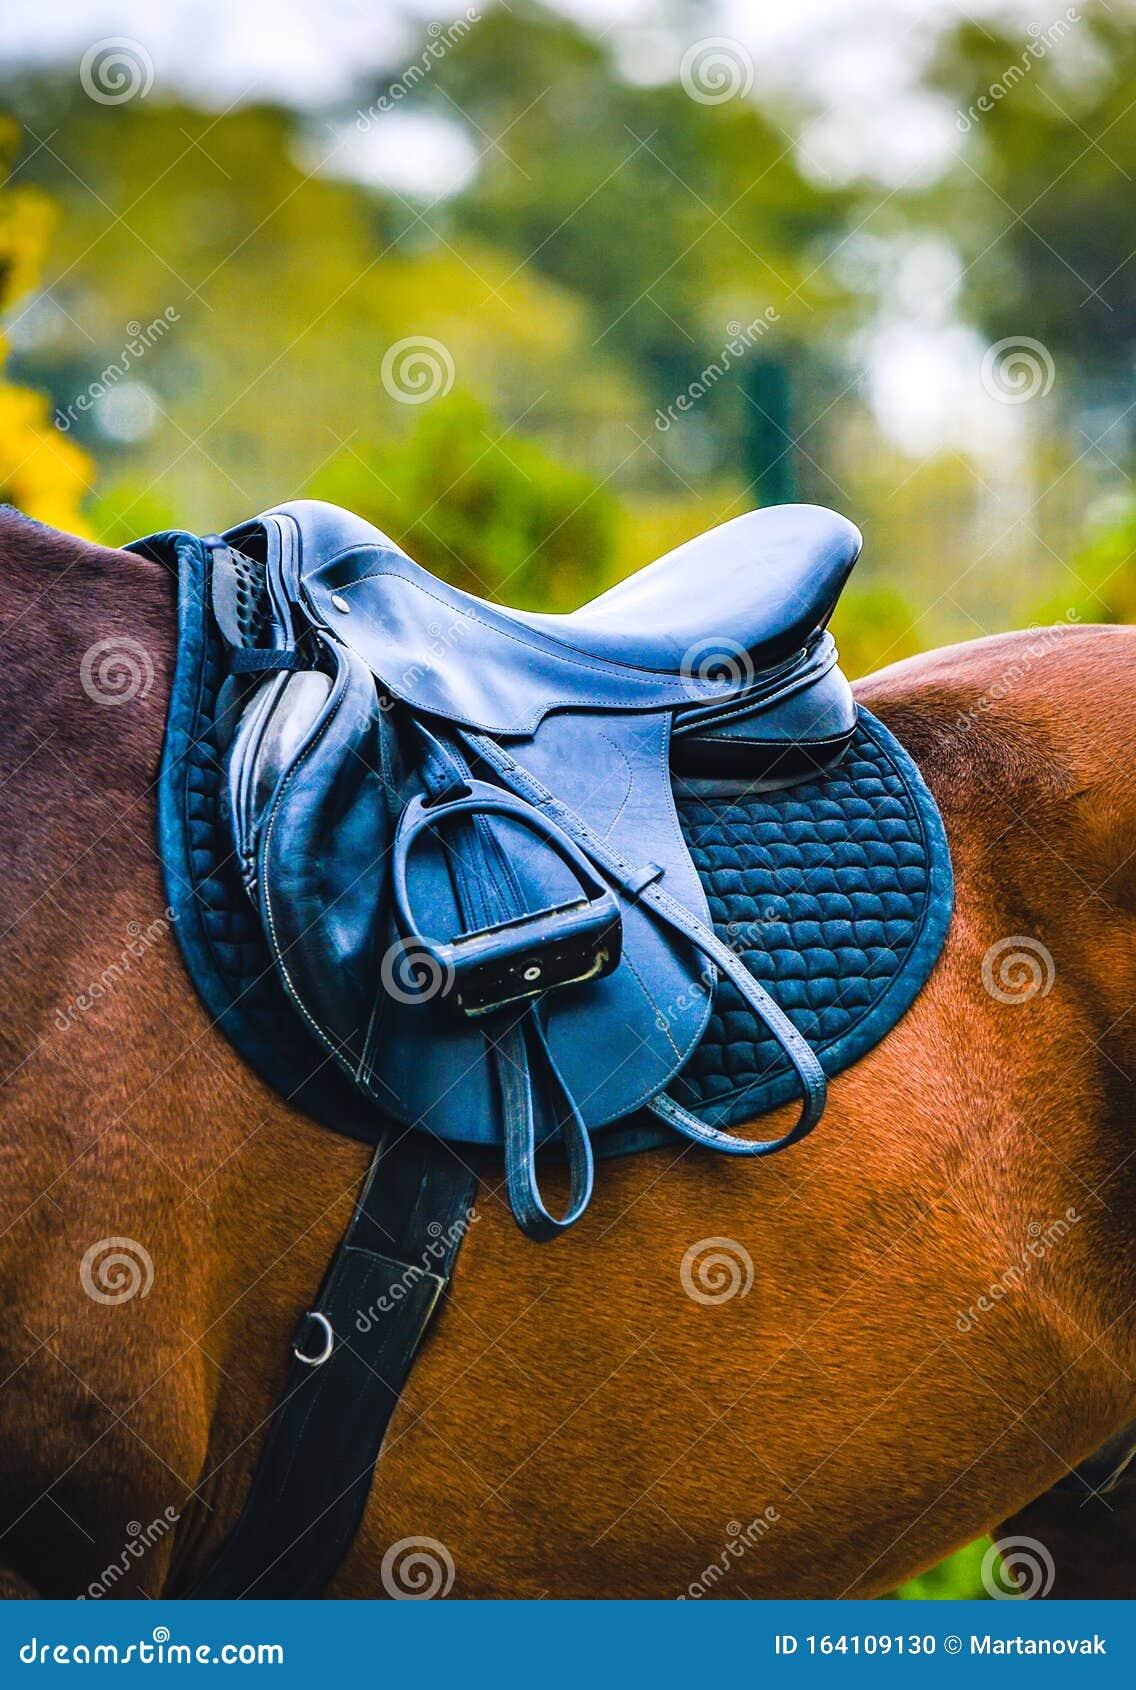 Black Horse Leather Saddle Stock Photo Image Of Equine 164109130